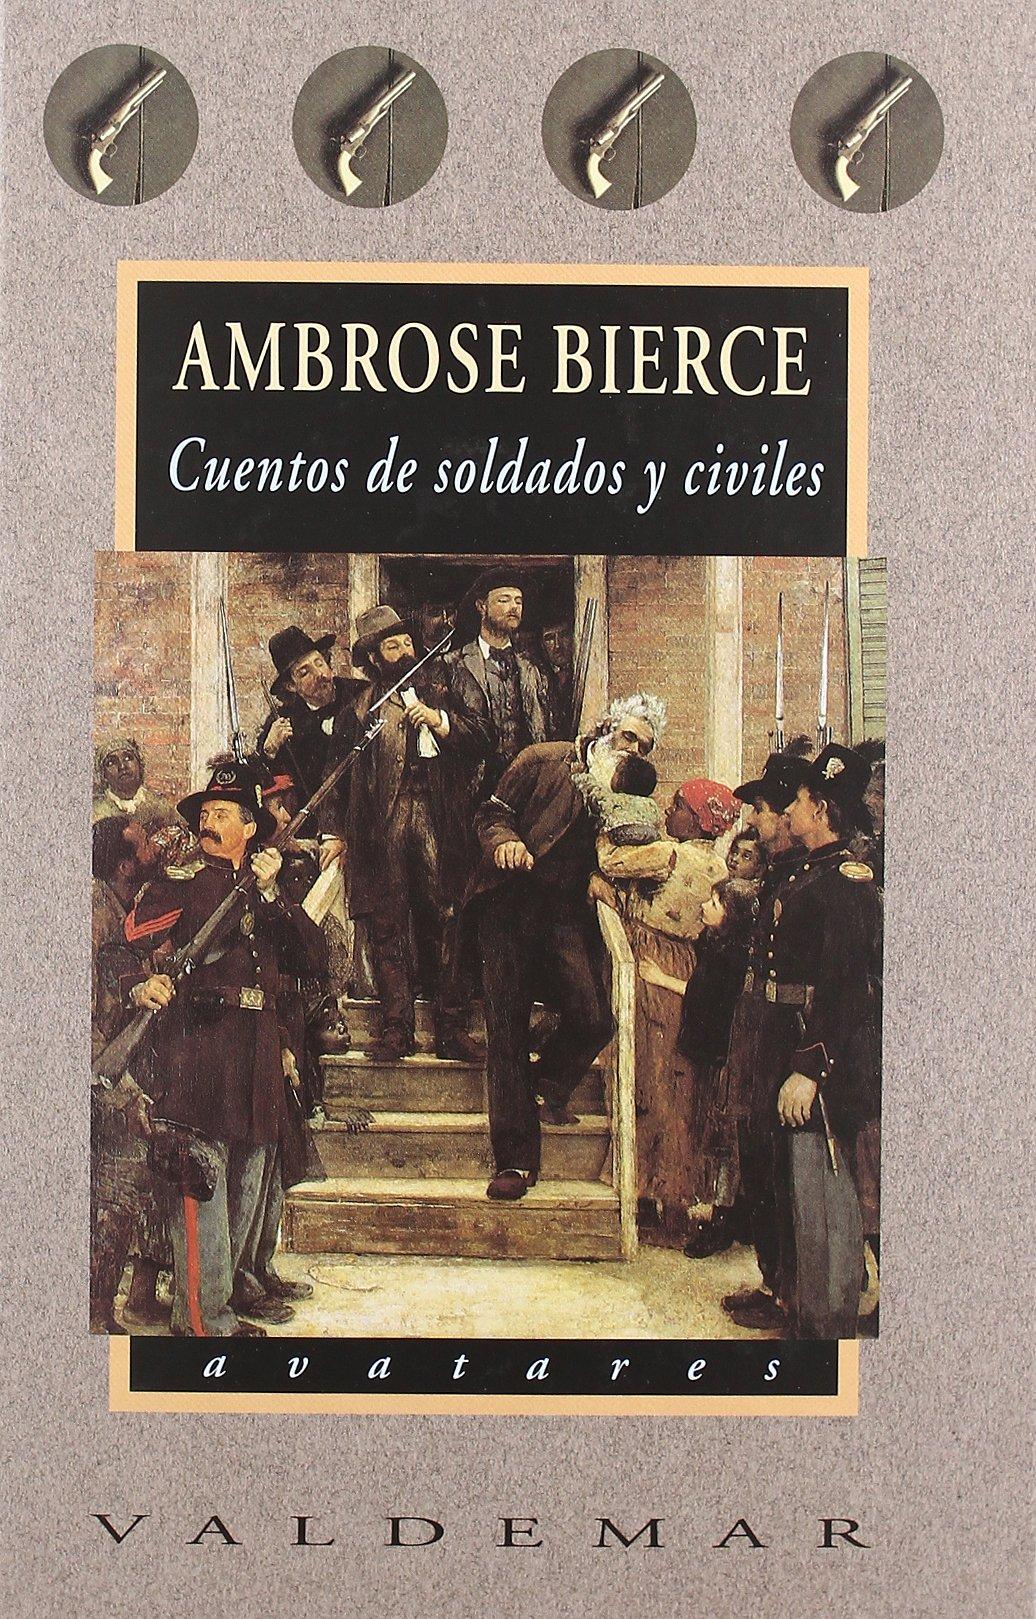 Cuentos de soldados y civiles (Avatares) Tapa dura – 1 may 2003 Ambrose Bierce Valdemar 8477024383 899295